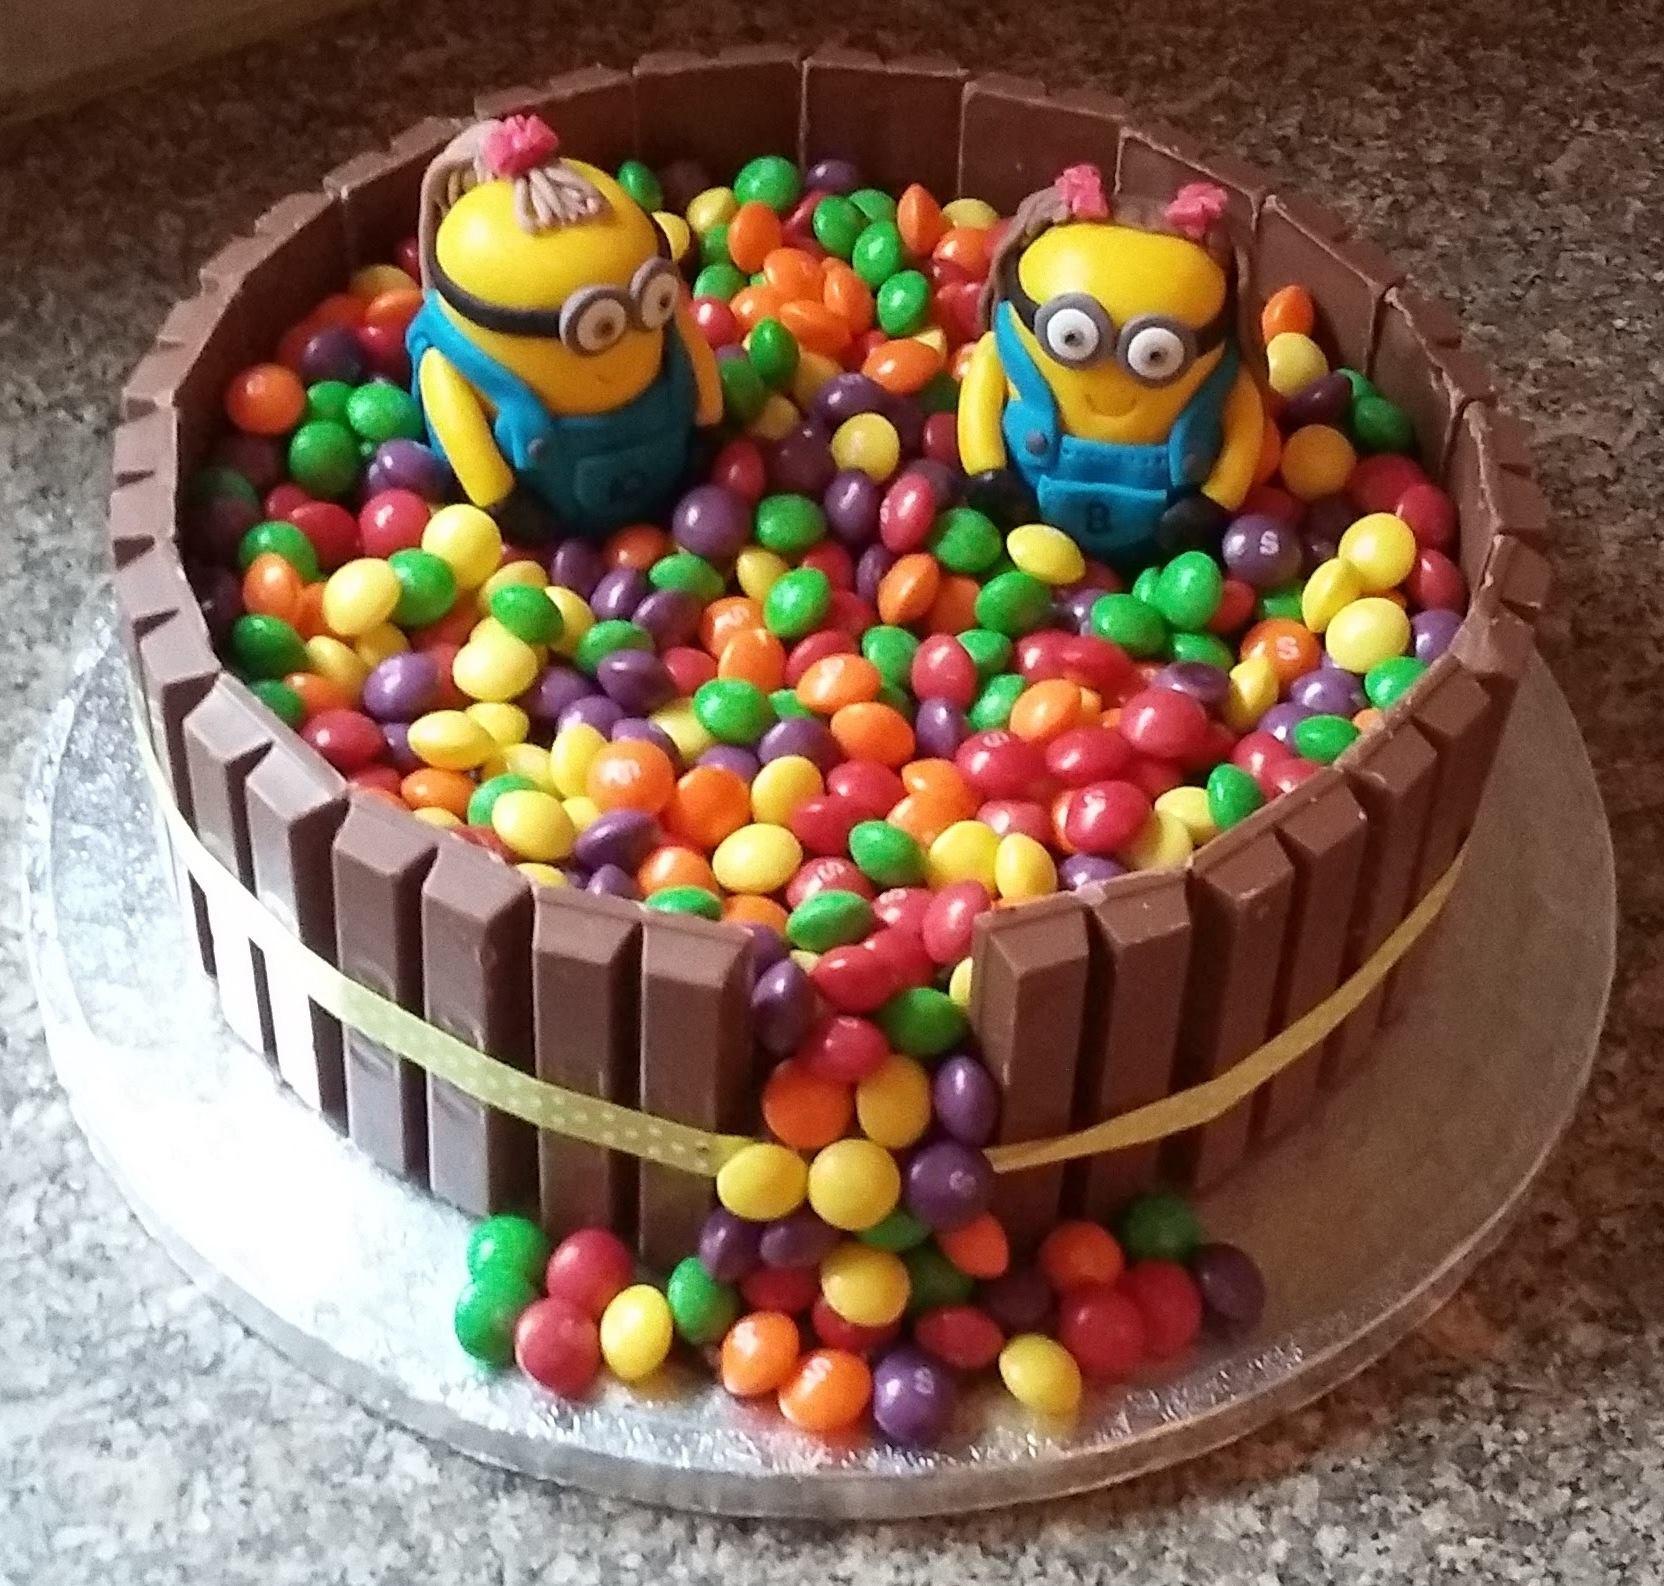 Фото tort ukrashennyj konfetami i shokoladkami 2.